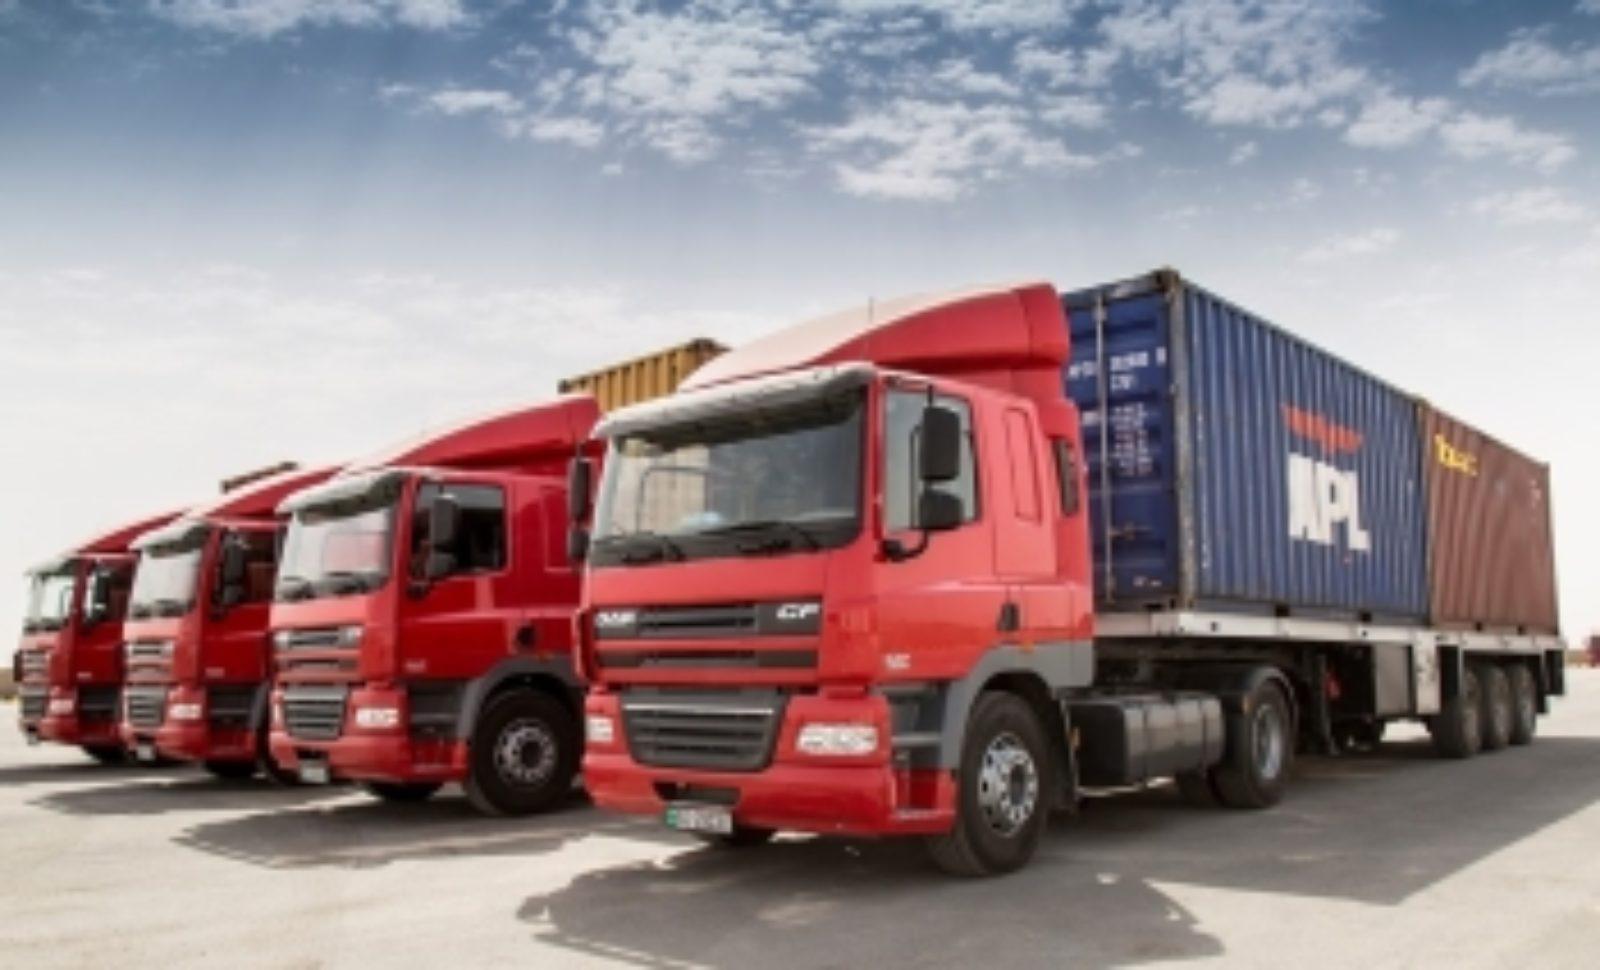 DAF liefert 500sten Lkw nach Jordanien